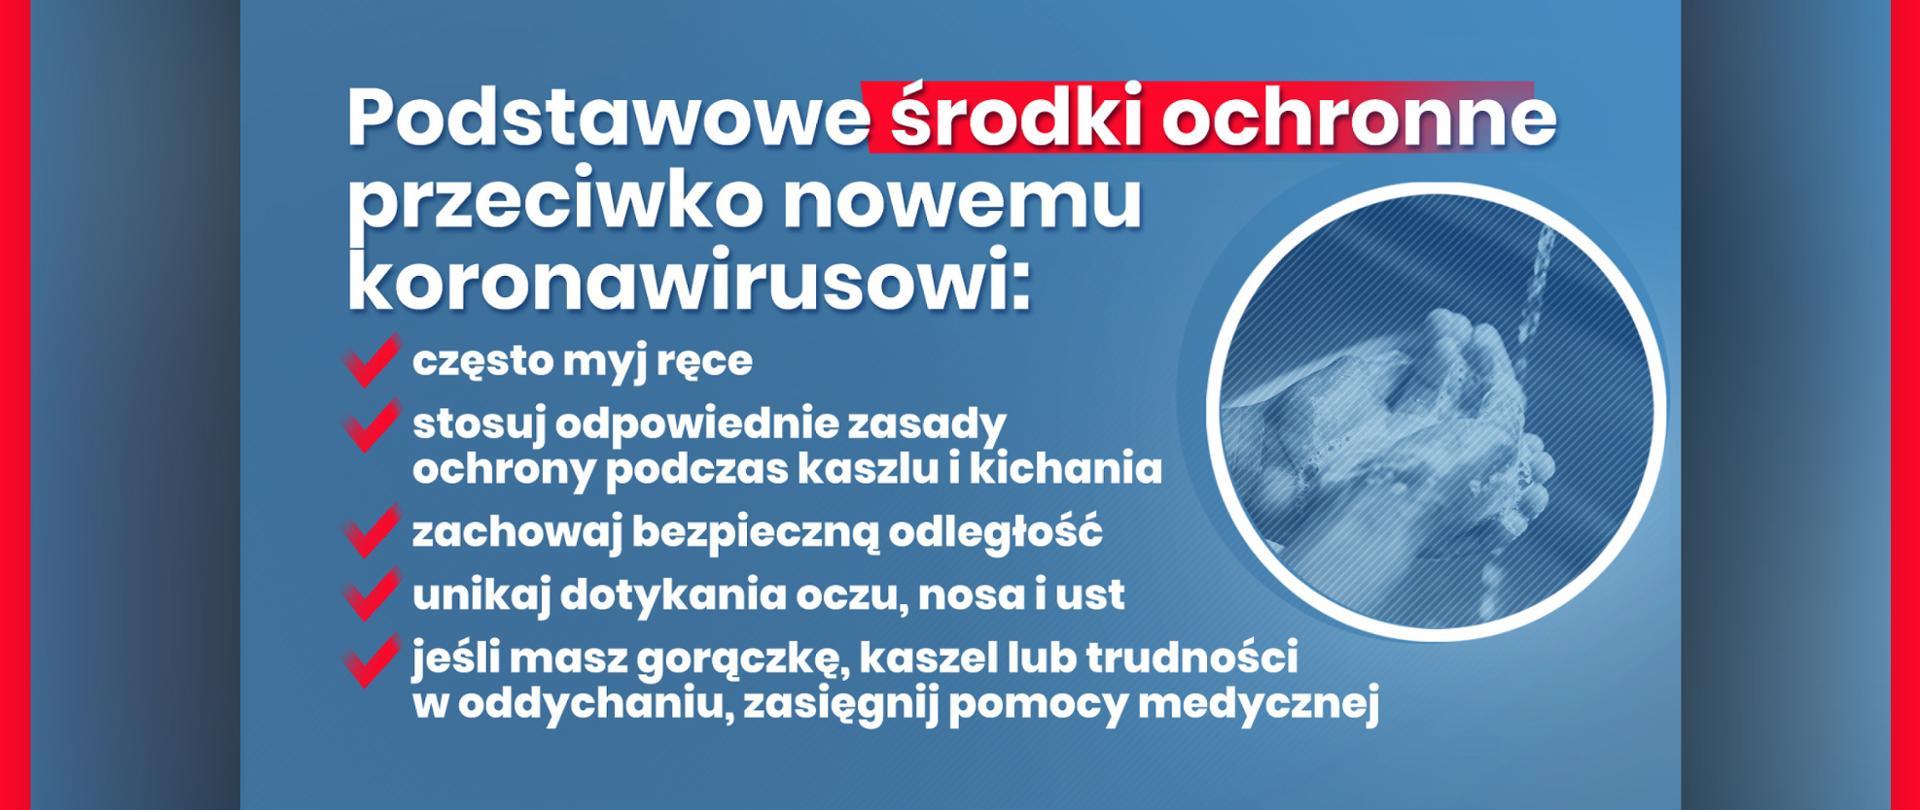 Grafika z tekstem: Podstawowe środki ochronne przeciwko nowemu koronawirusowi: – często myj ręce, – stosuj odpowiednie zasady ochrony podczas kaszlu i kichania – zachowaj bezpieczną odległość – unikaj dotykania oczu, nosa i ust – jeśli masz gorączkę, kaszel lub trudności w oddychaniu, zasięgnij pomocy medycznej